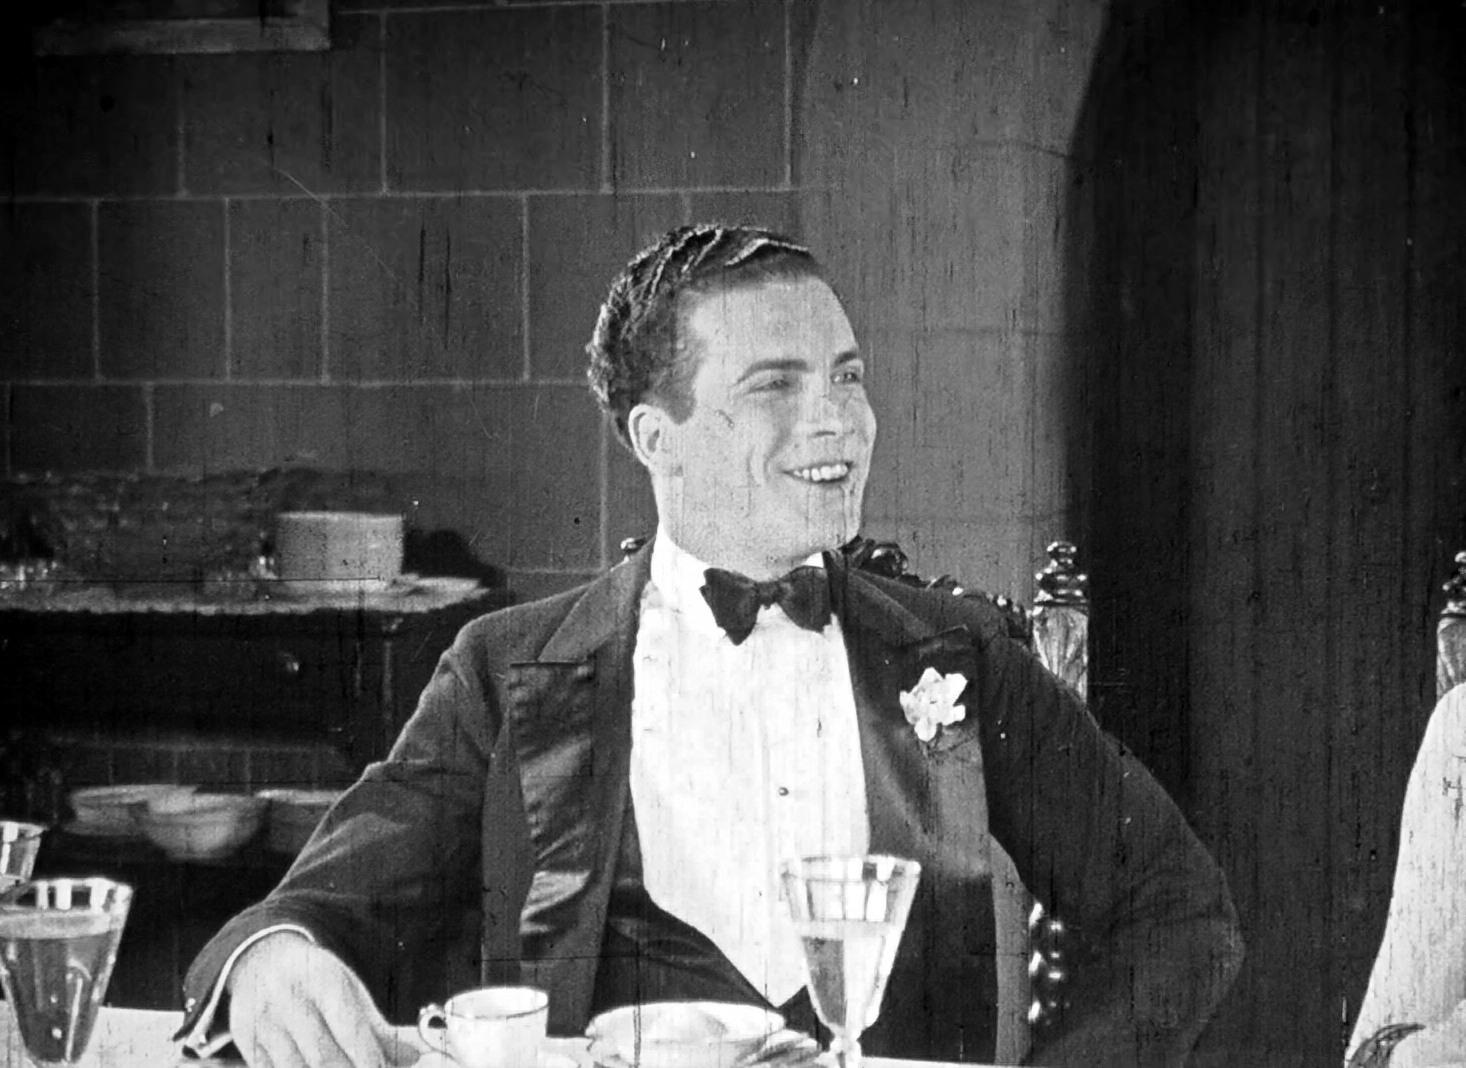 Danny O'Shea in Hotsy-Totsy (1925)